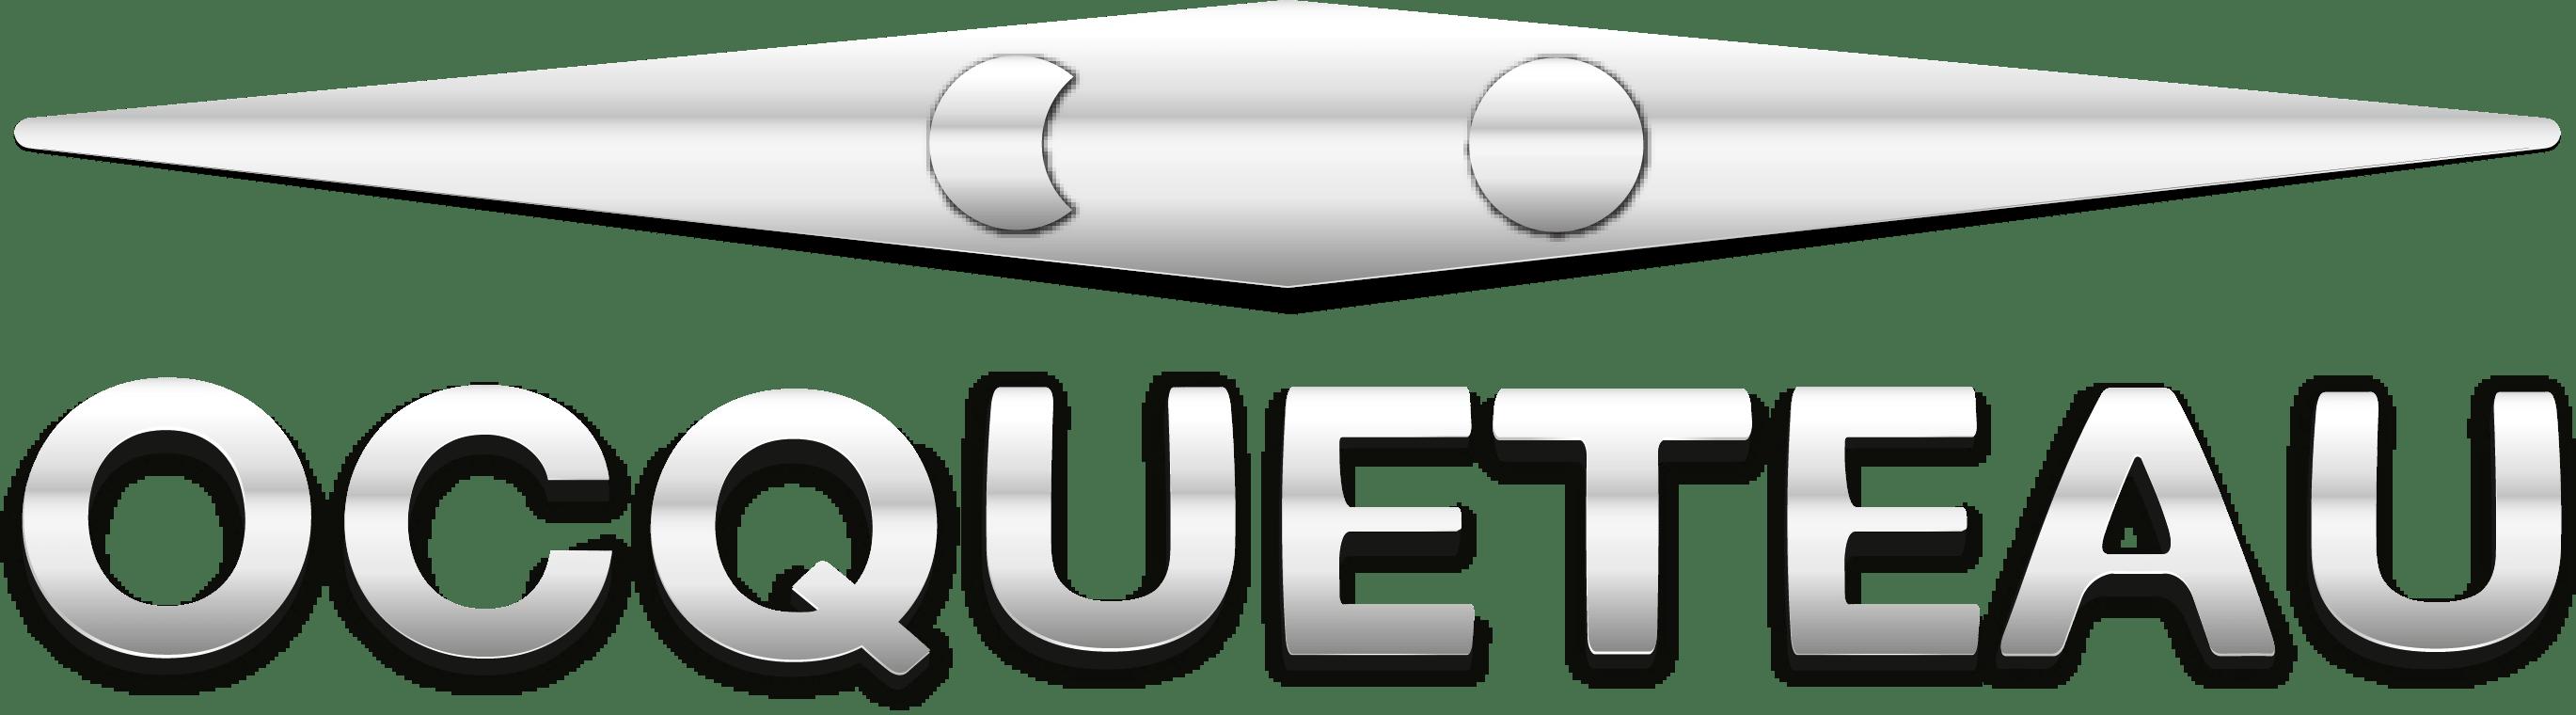 Bateaux à moteur Ocqueteau